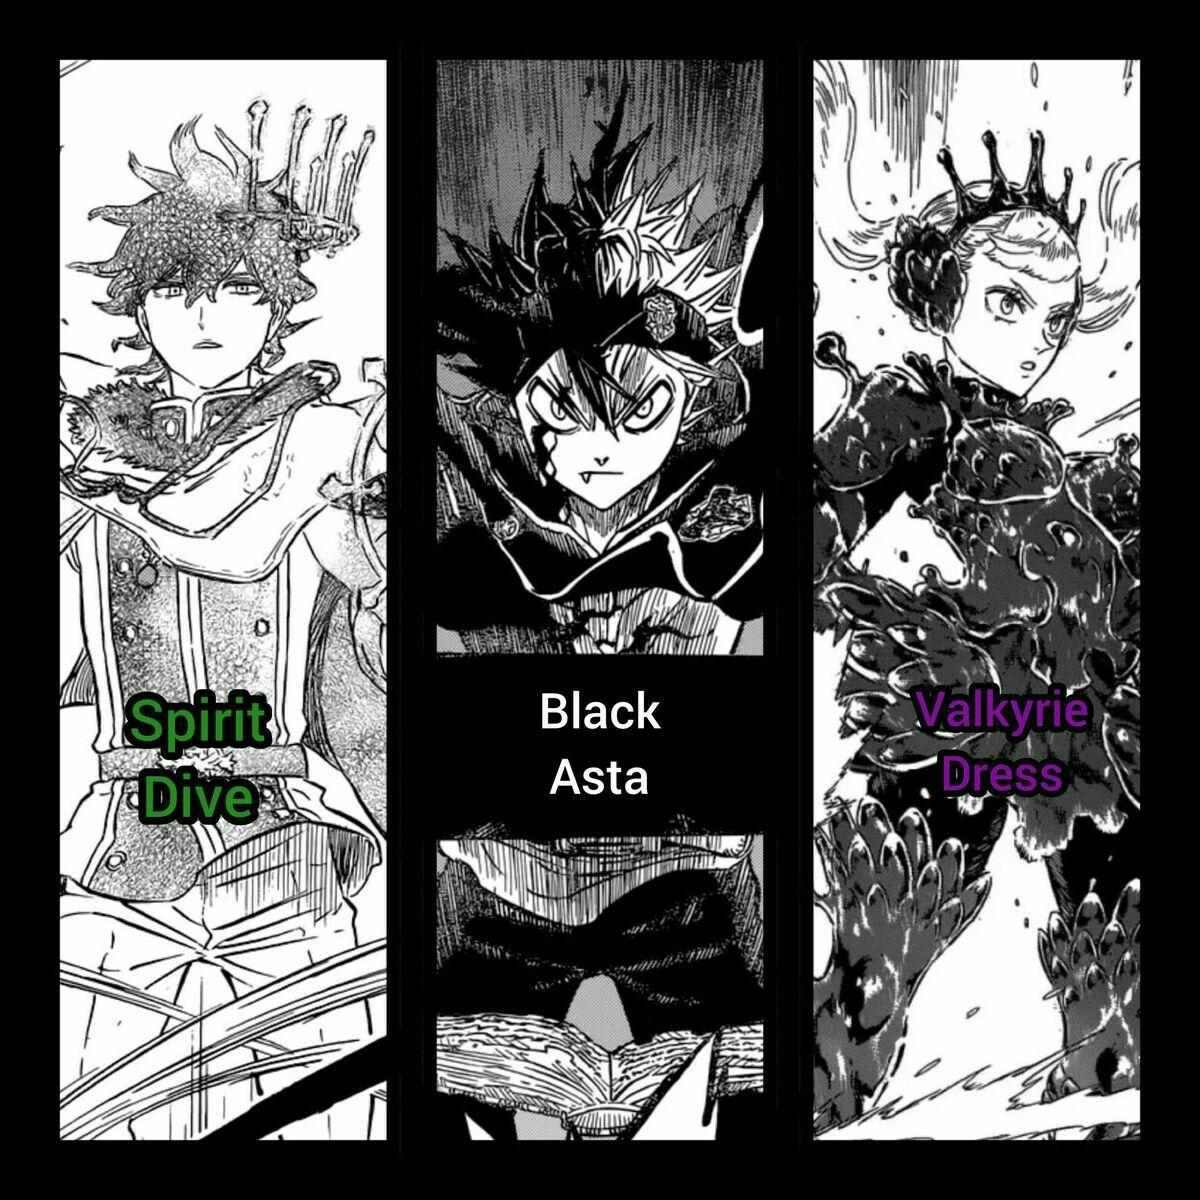 Pin De Moataz Alawady Em Black Clover Em 2020 Anime Imagem De Anime Anime Echii